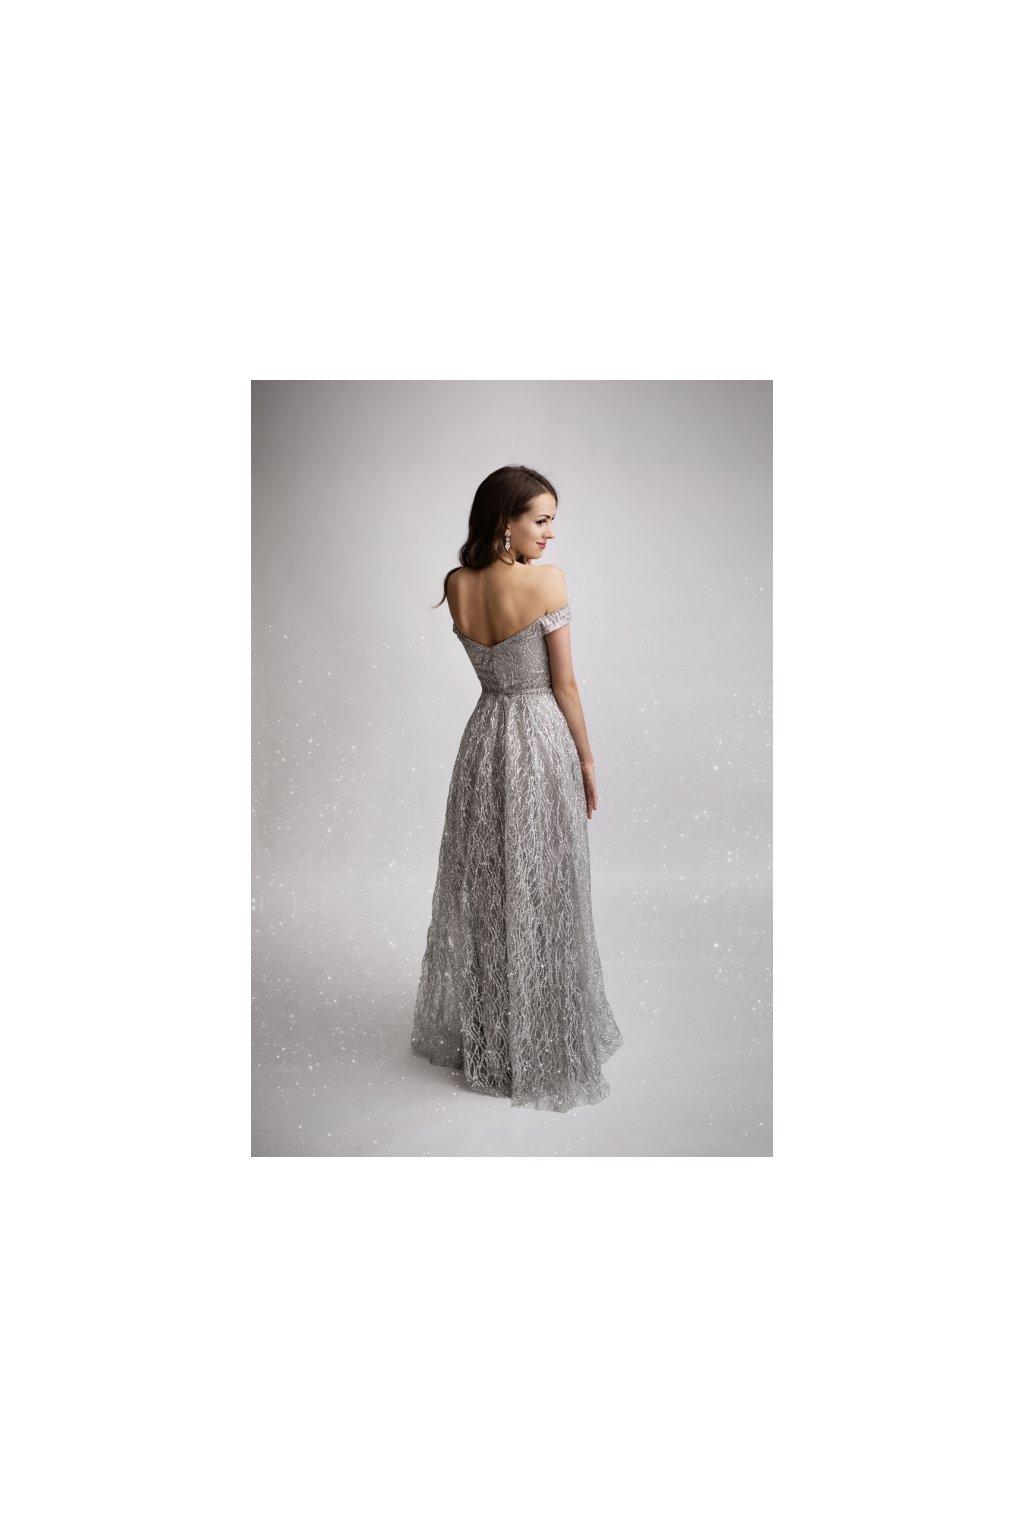 d3a8127e5c4 STRIBRNE SEDE · stribrne sede back. Luxusní plesové šaty z francouzské  kolekce Eva Lola ♥. Výměna velikosti nebo vrácení ...